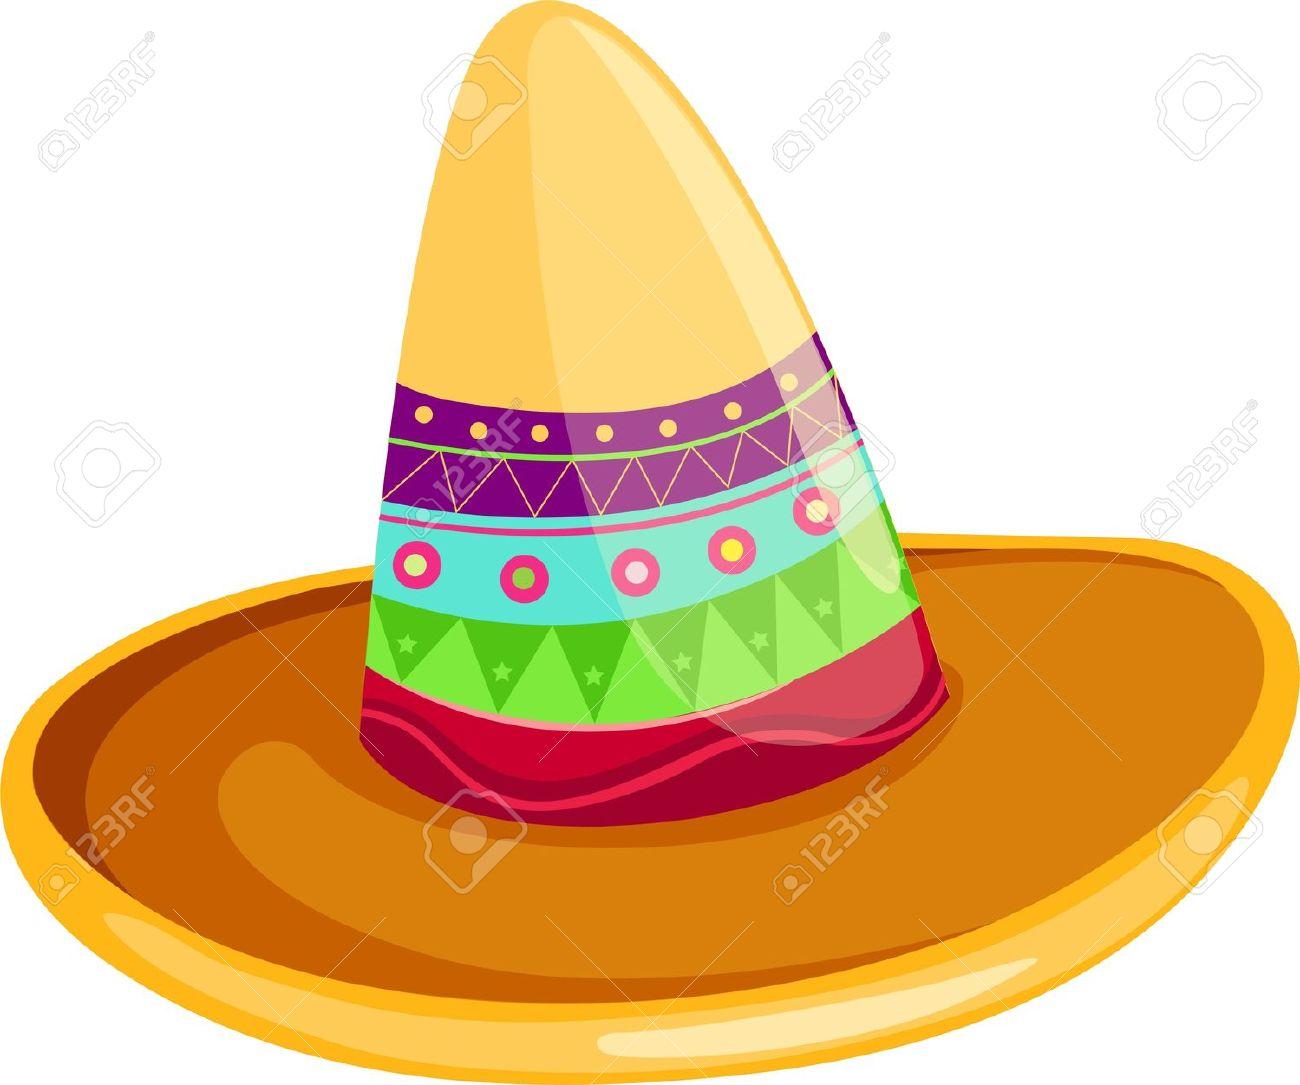 sombrero: Mexican sombrero